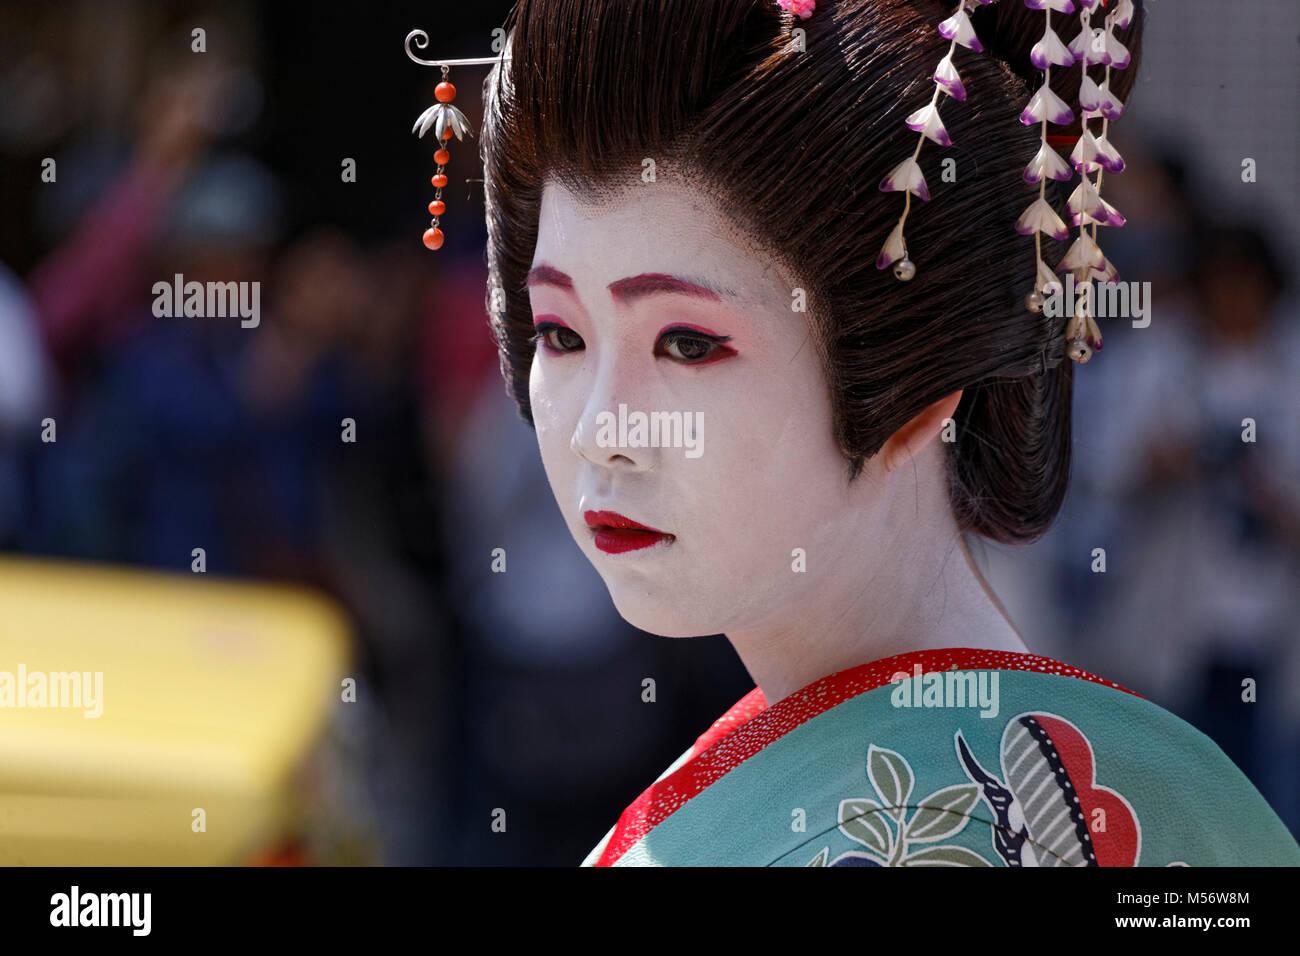 La Daigyoretsu durante el festival Sanja Matsuri, Tokio, Japón. Imagen De Stock